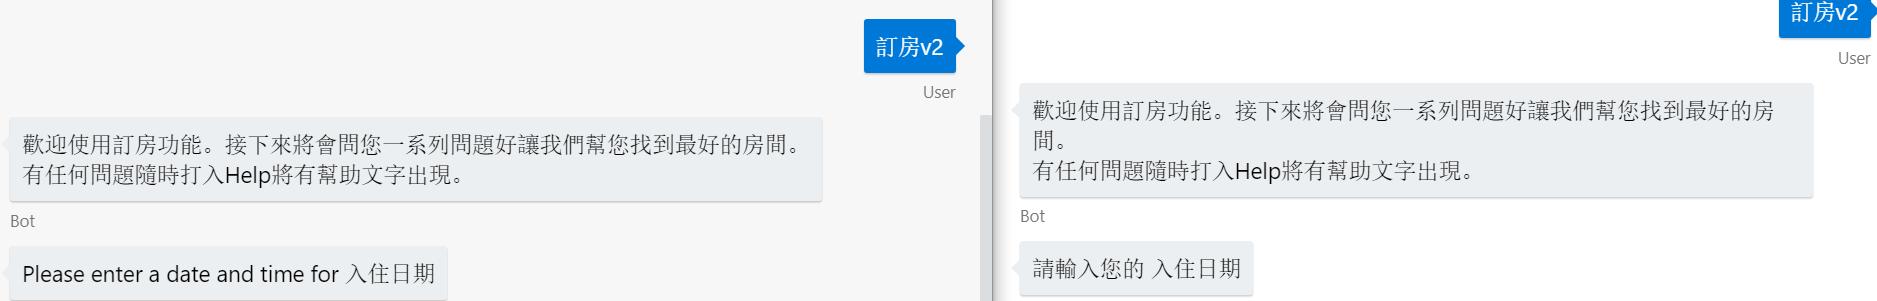 Bot Framework Emulator_2018-07-12_07-47-12.png